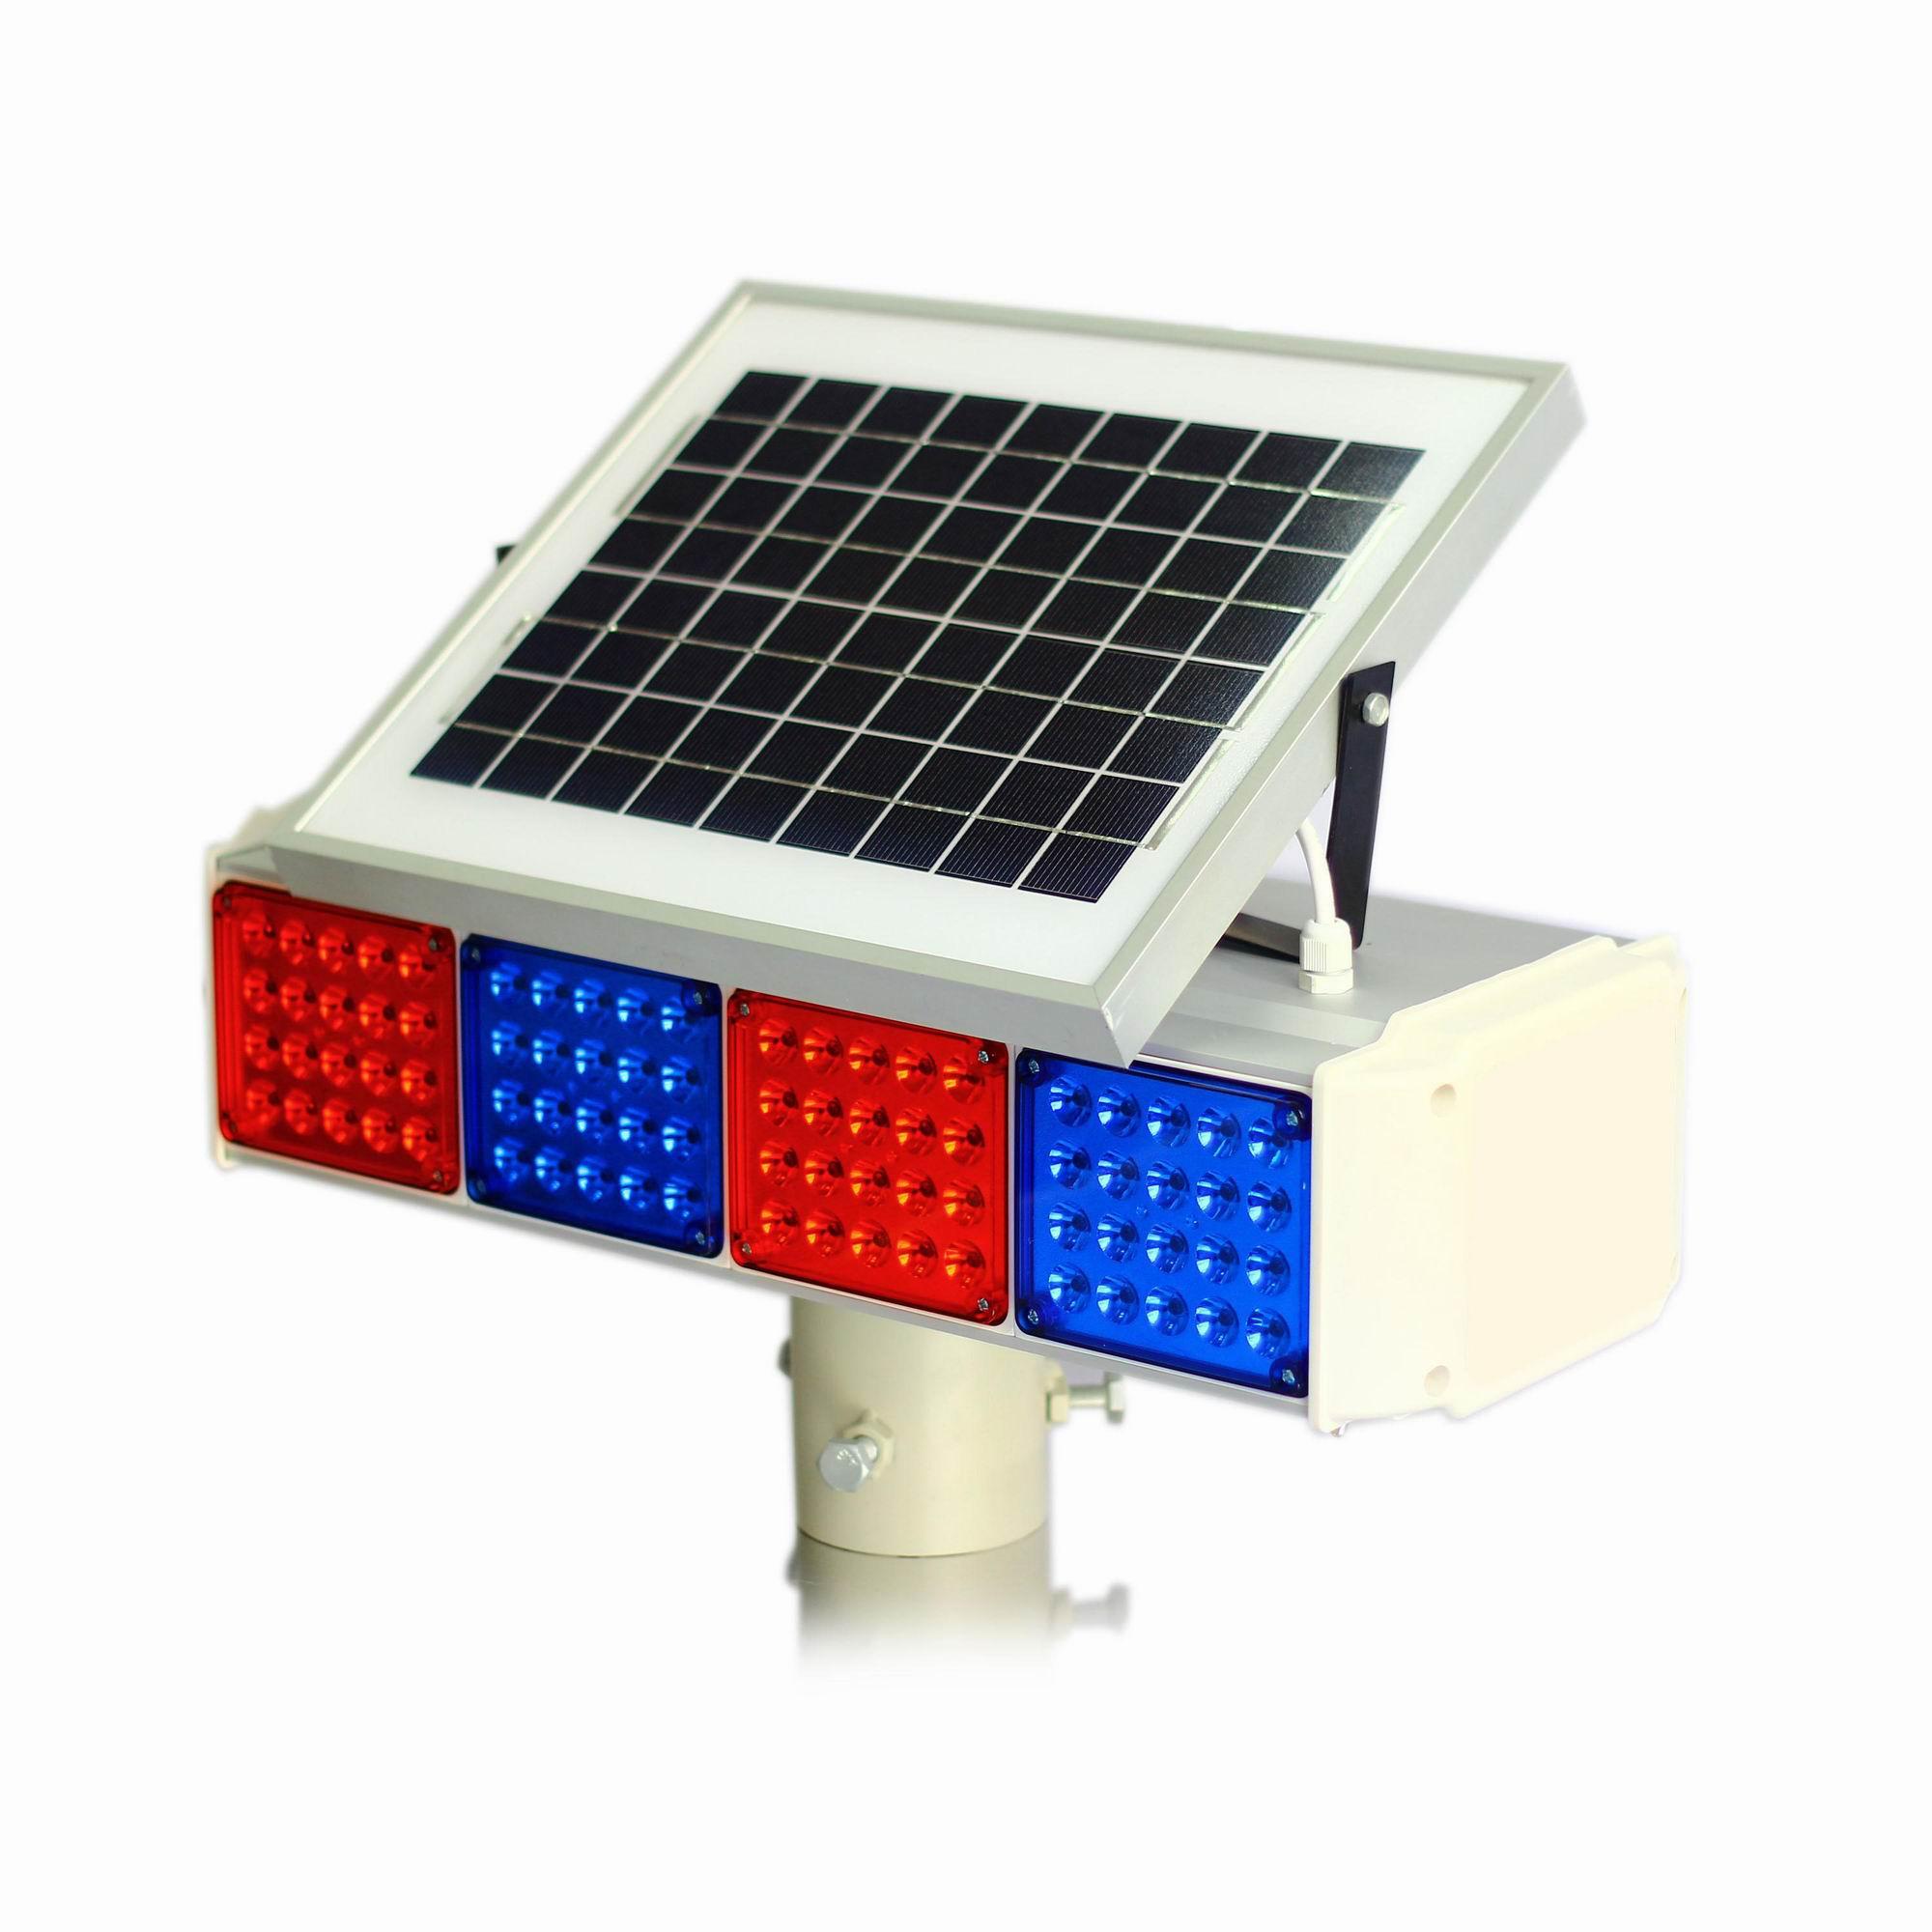 太阳能灯简易电路图